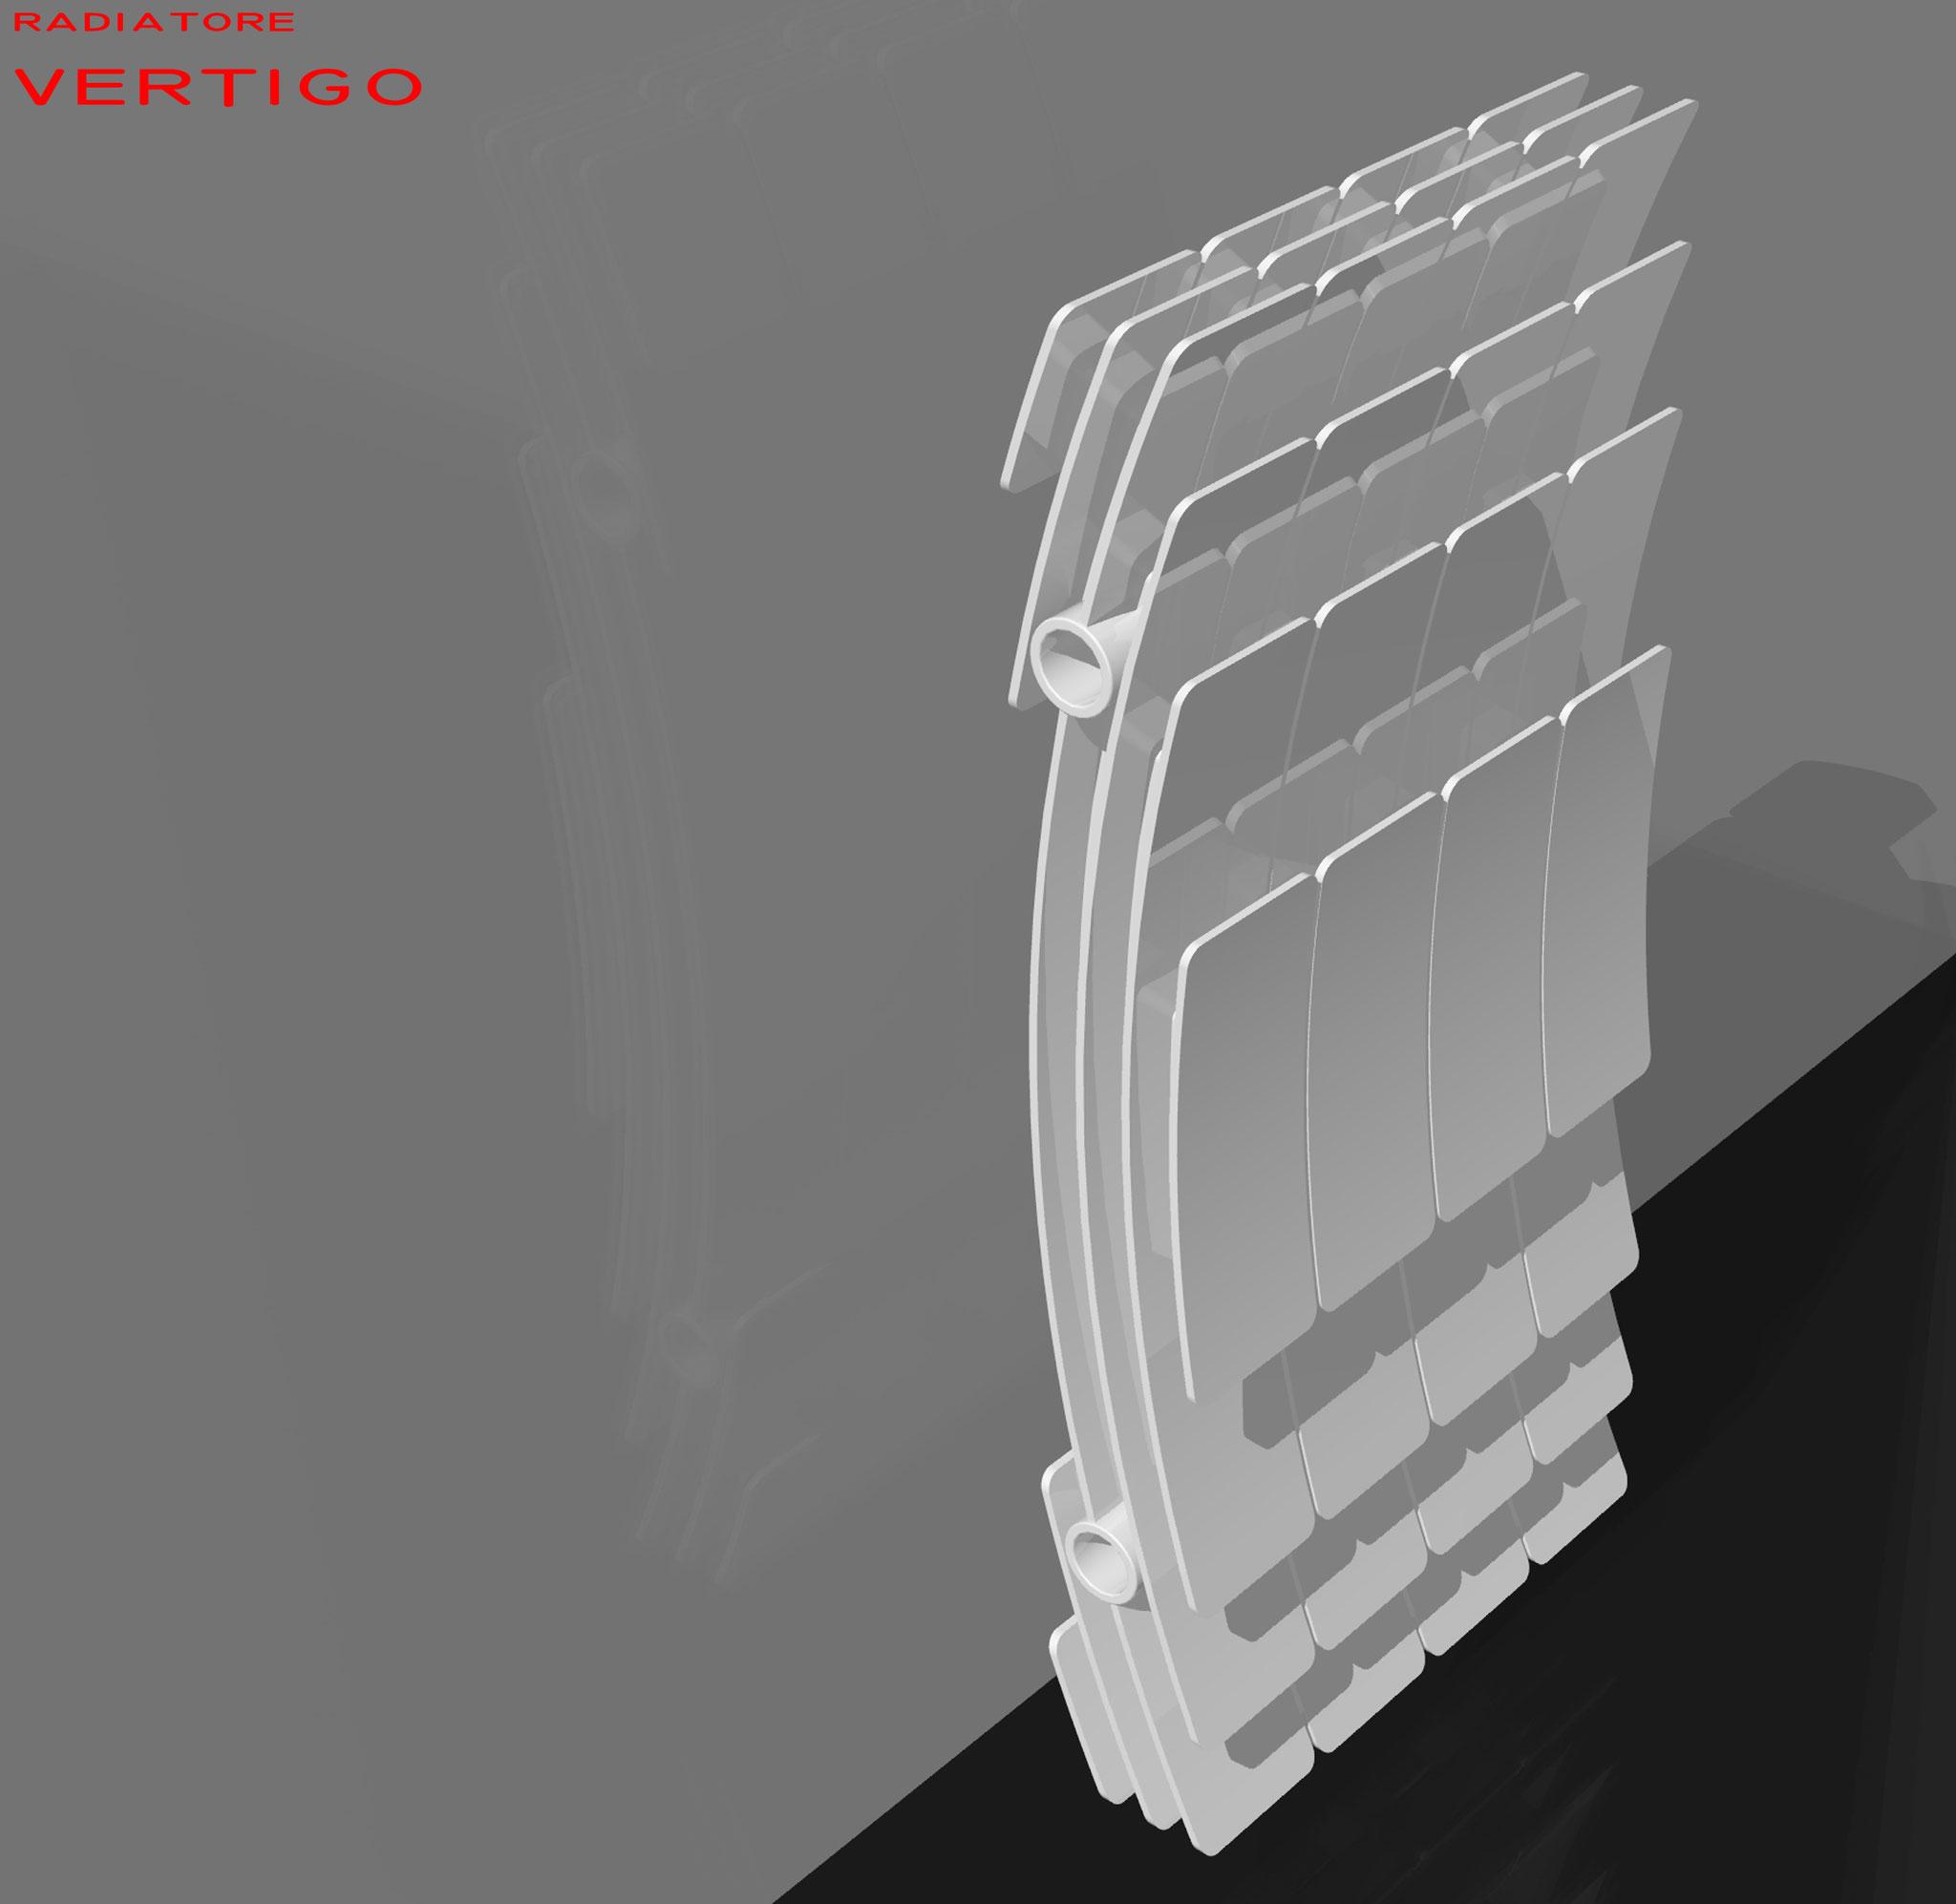 Vertigo- Studio radiatore 2008 ADHOC Gruppo Ragaini   rendering.